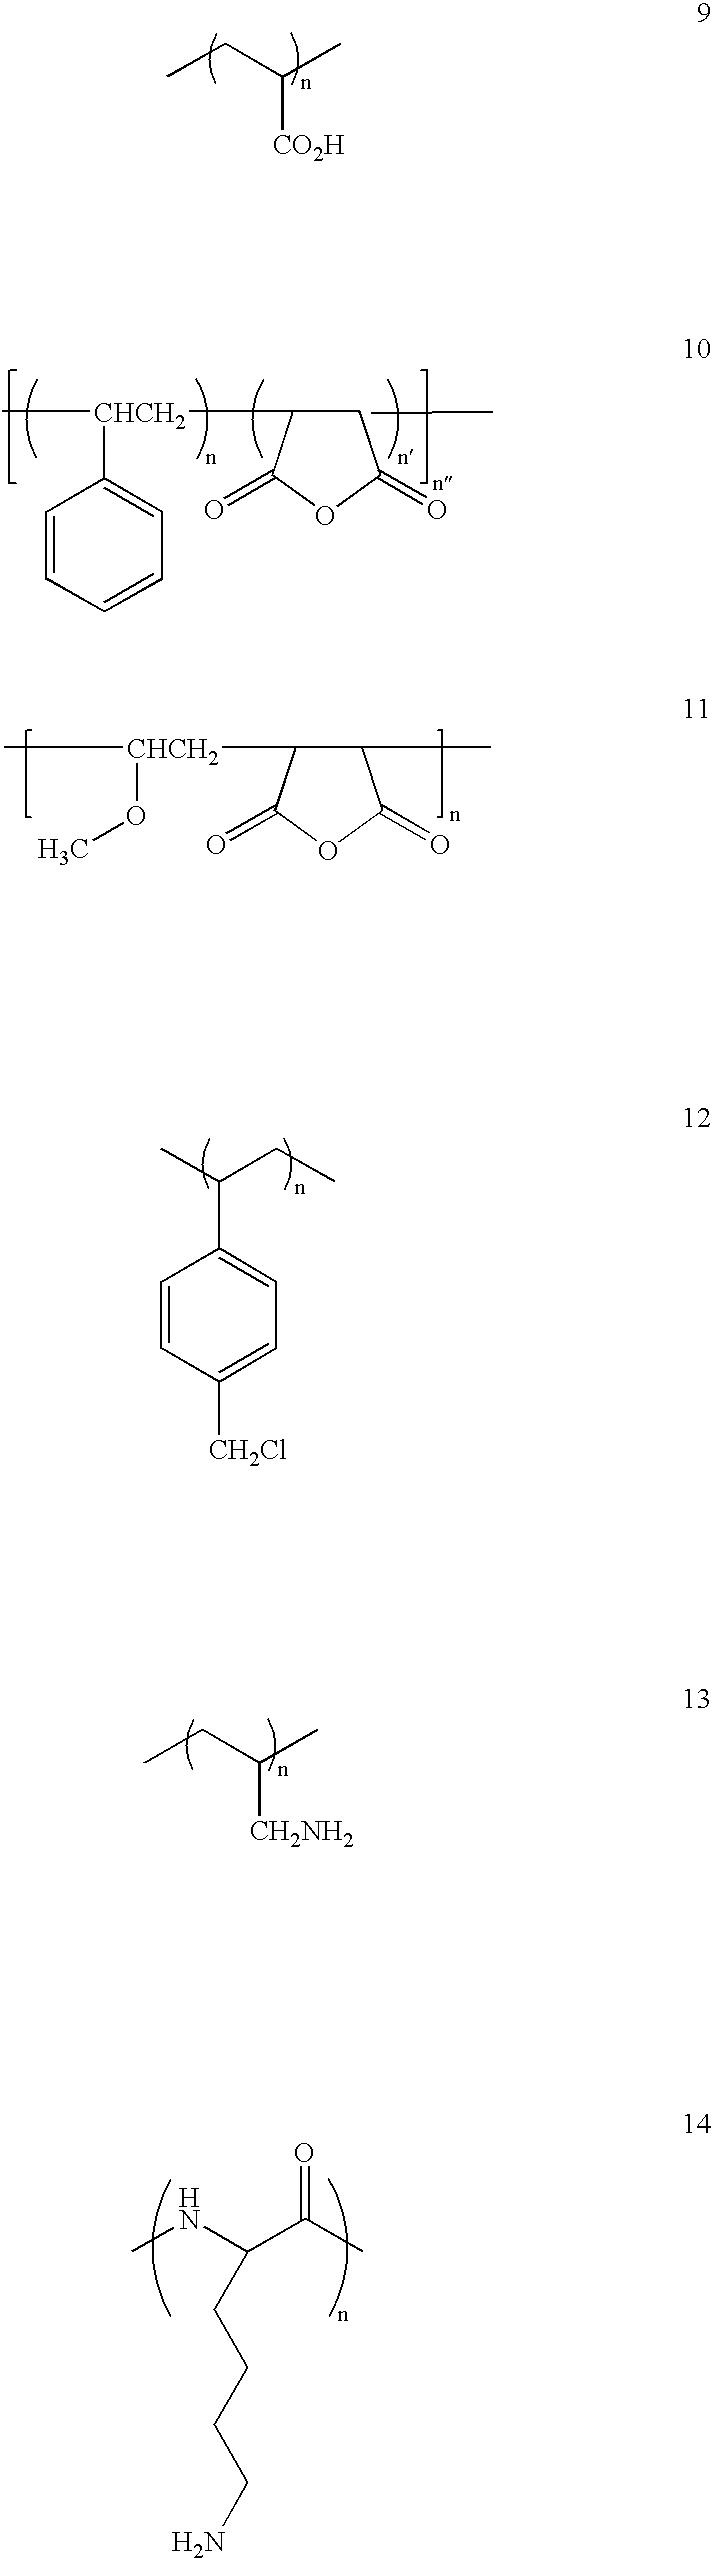 Figure US06605200-20030812-C00010